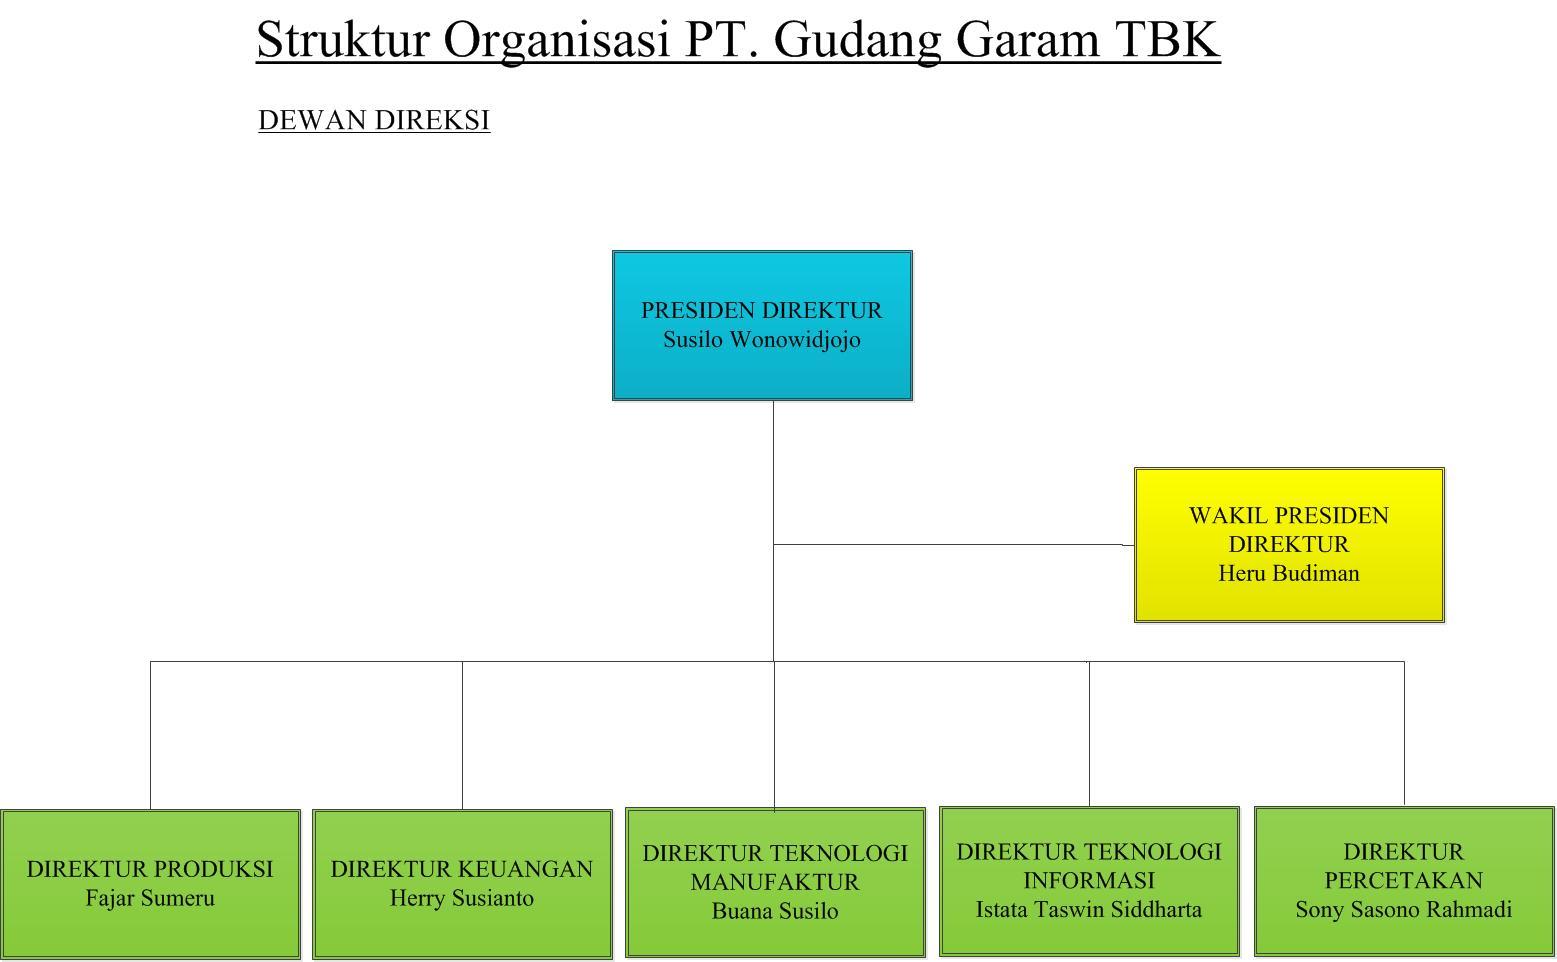 gudang garam tbk Pt gudang garam tbk adalah sebuah merek/perusahaan produsen rokok  populer asal indonesia didirikan pada 26 juni 1958 oleh surya wonowidjojo,.